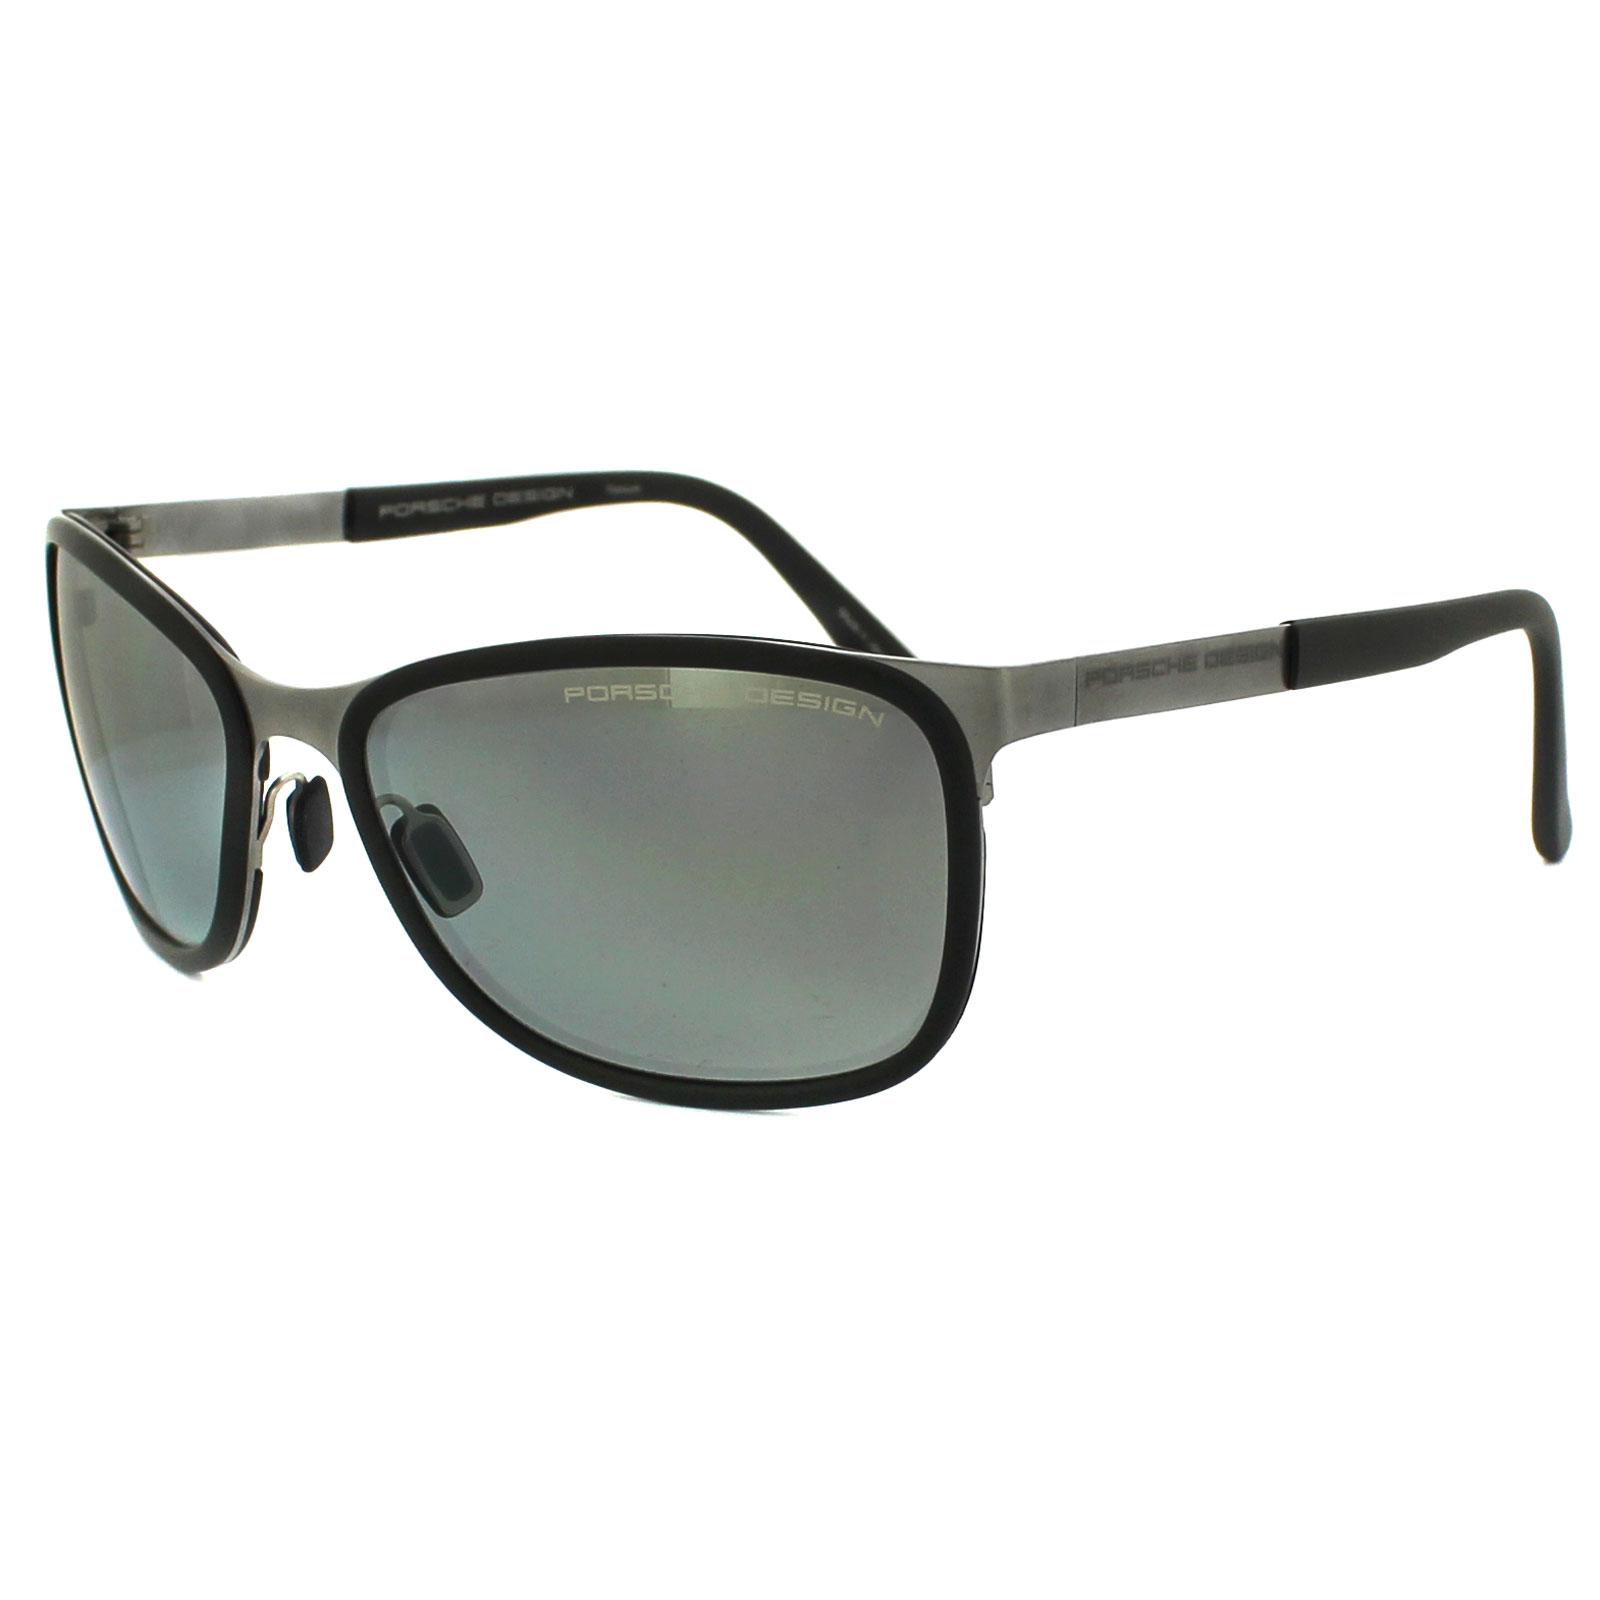 Porsche Design Sunglasses P8568 C Titanium Silver Mirror